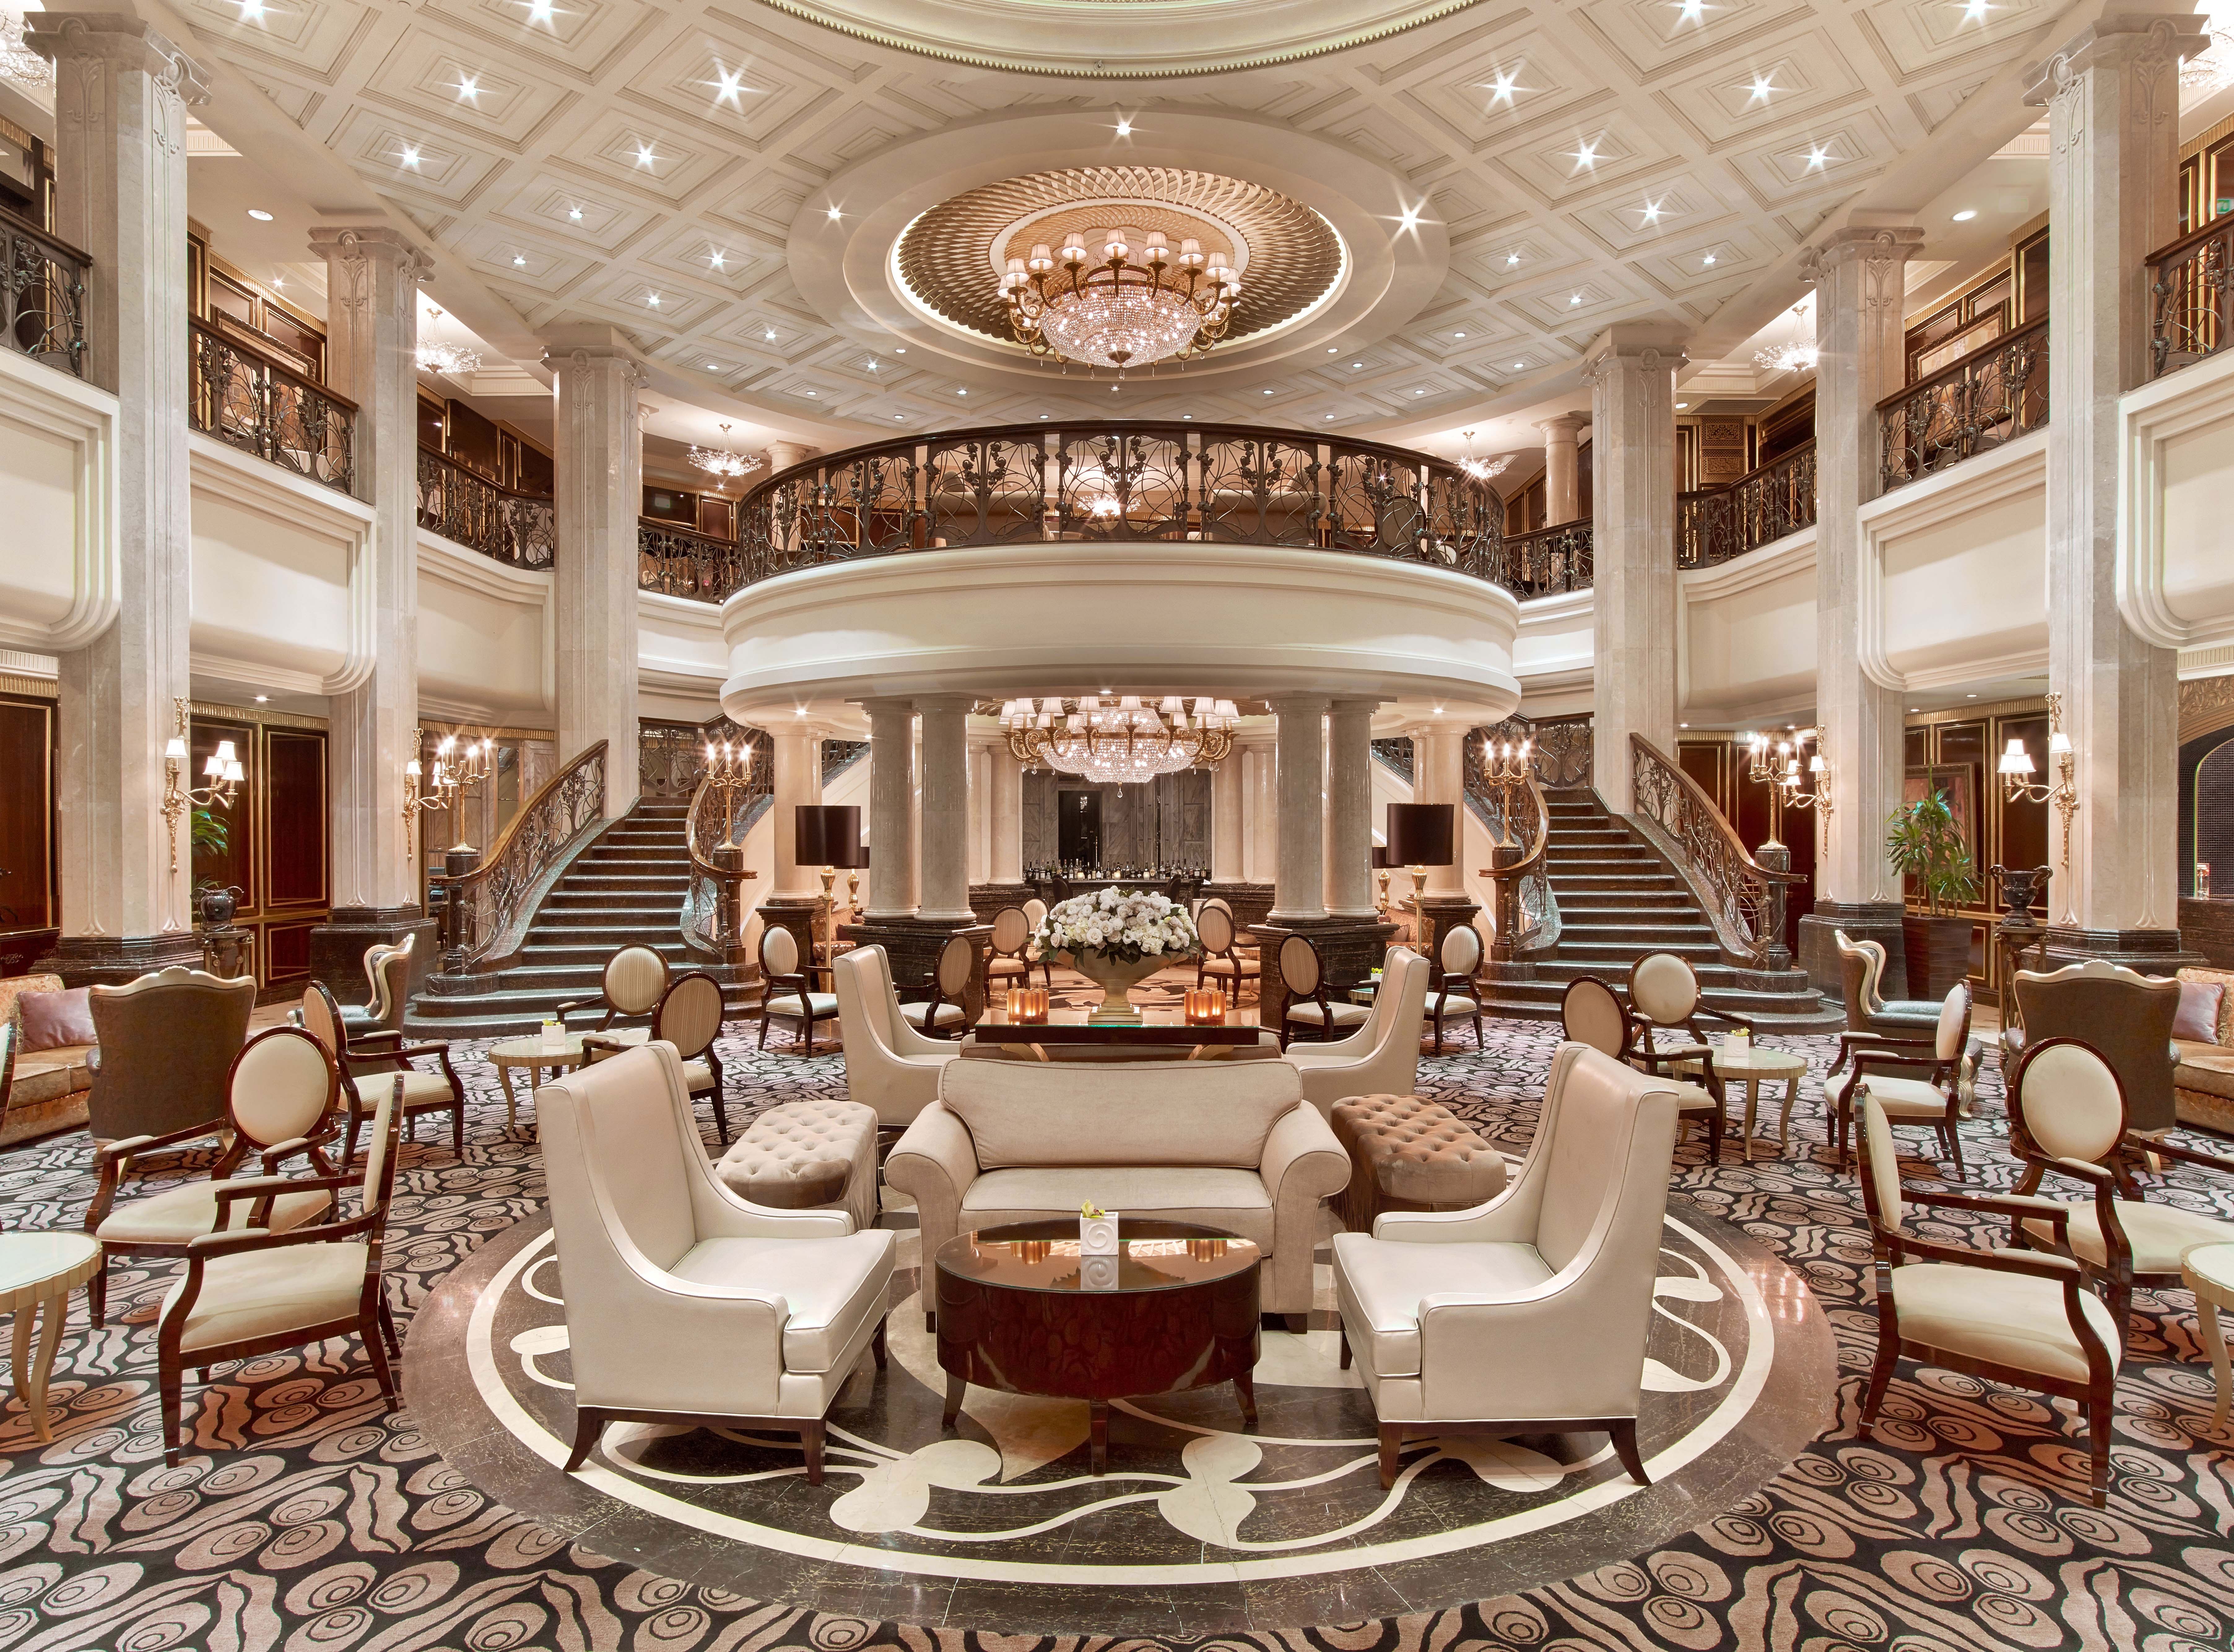 St Regis Hotel Mumbai